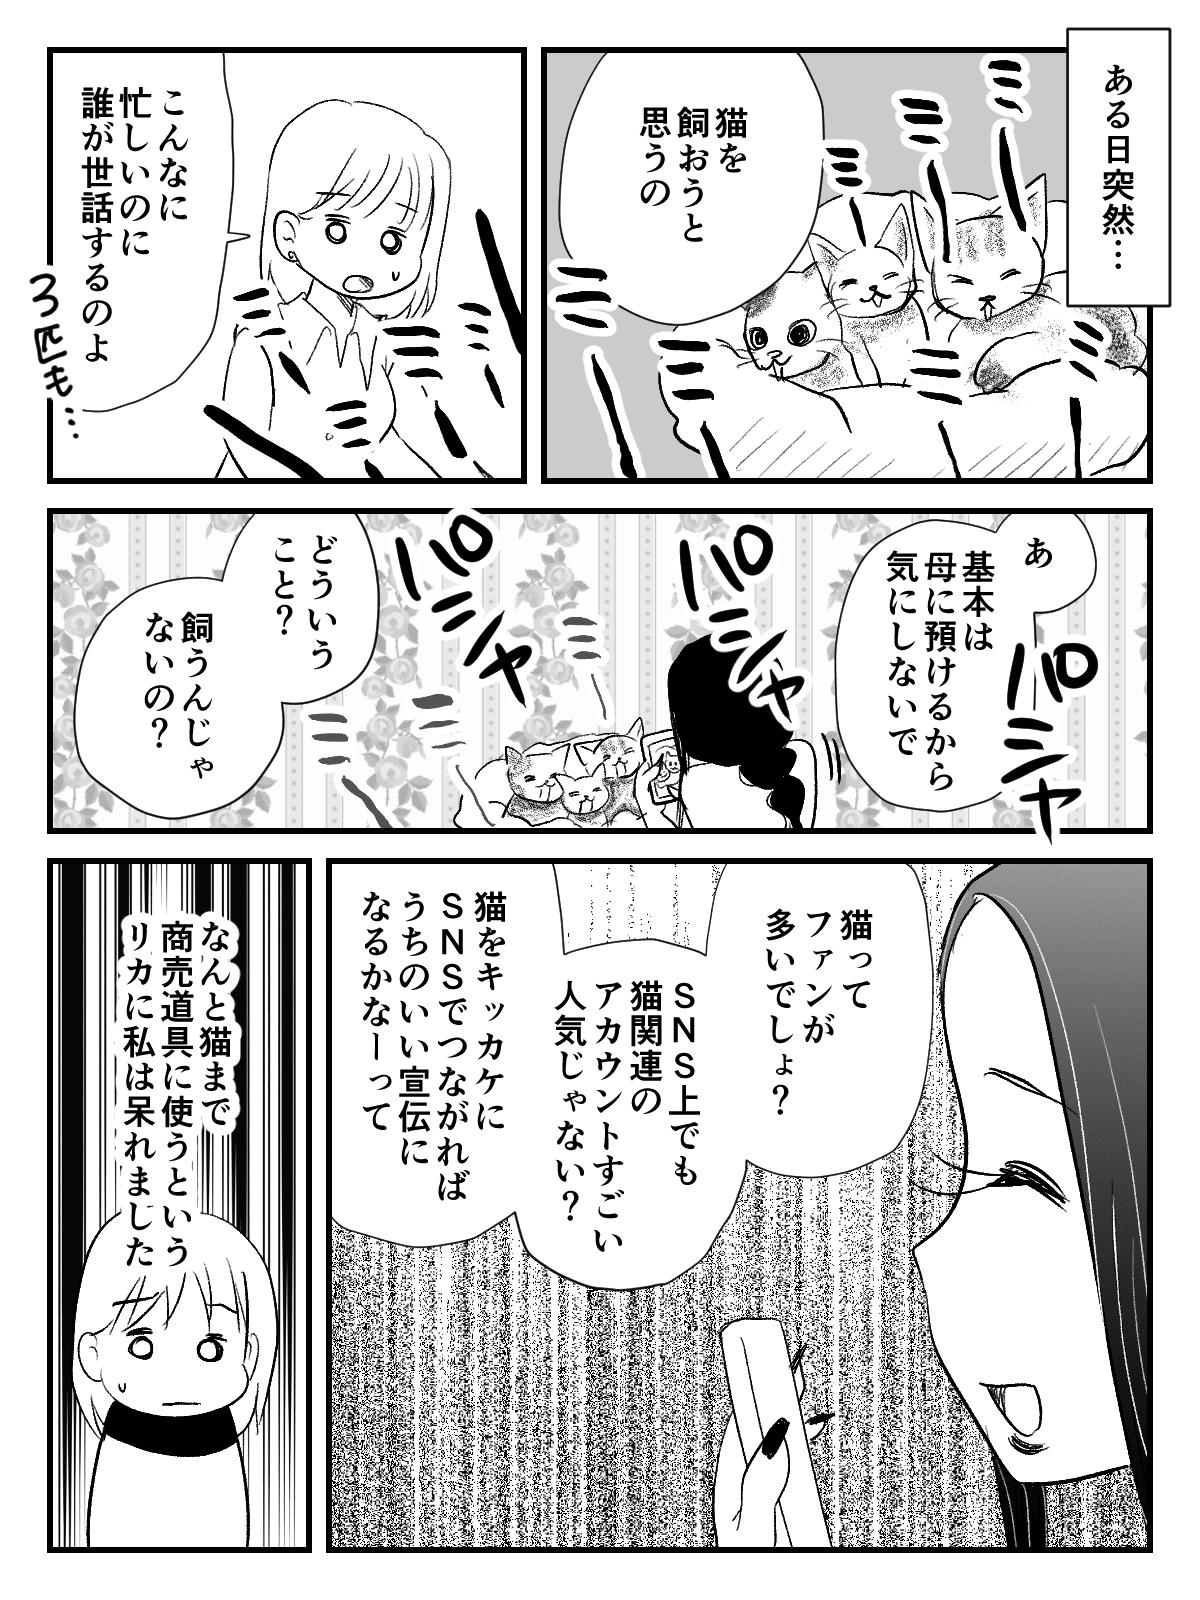 インフルエンサーな_出力_008